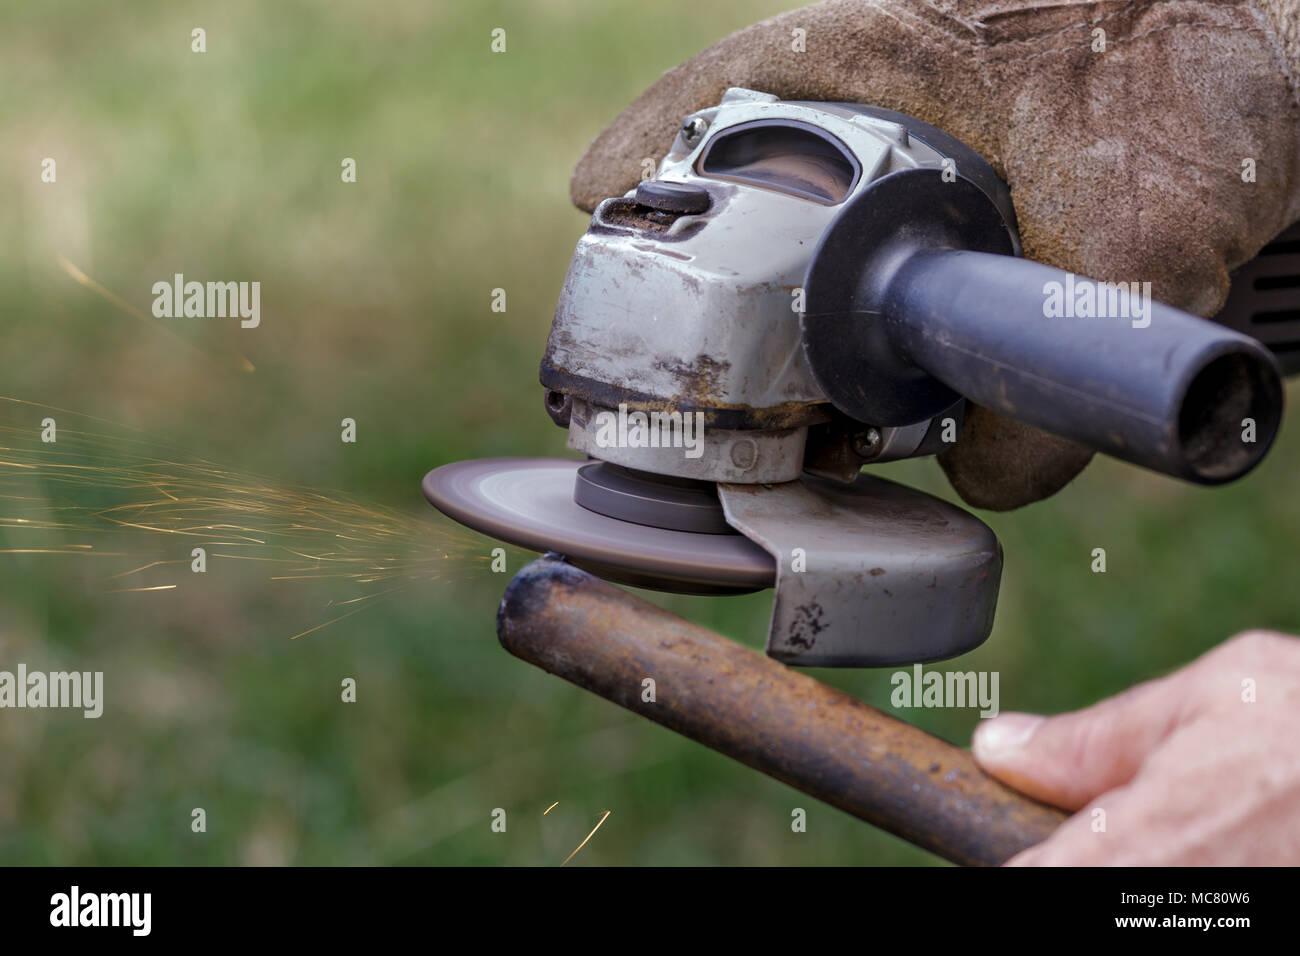 Angle grinder make a flash sparks - Stock Image